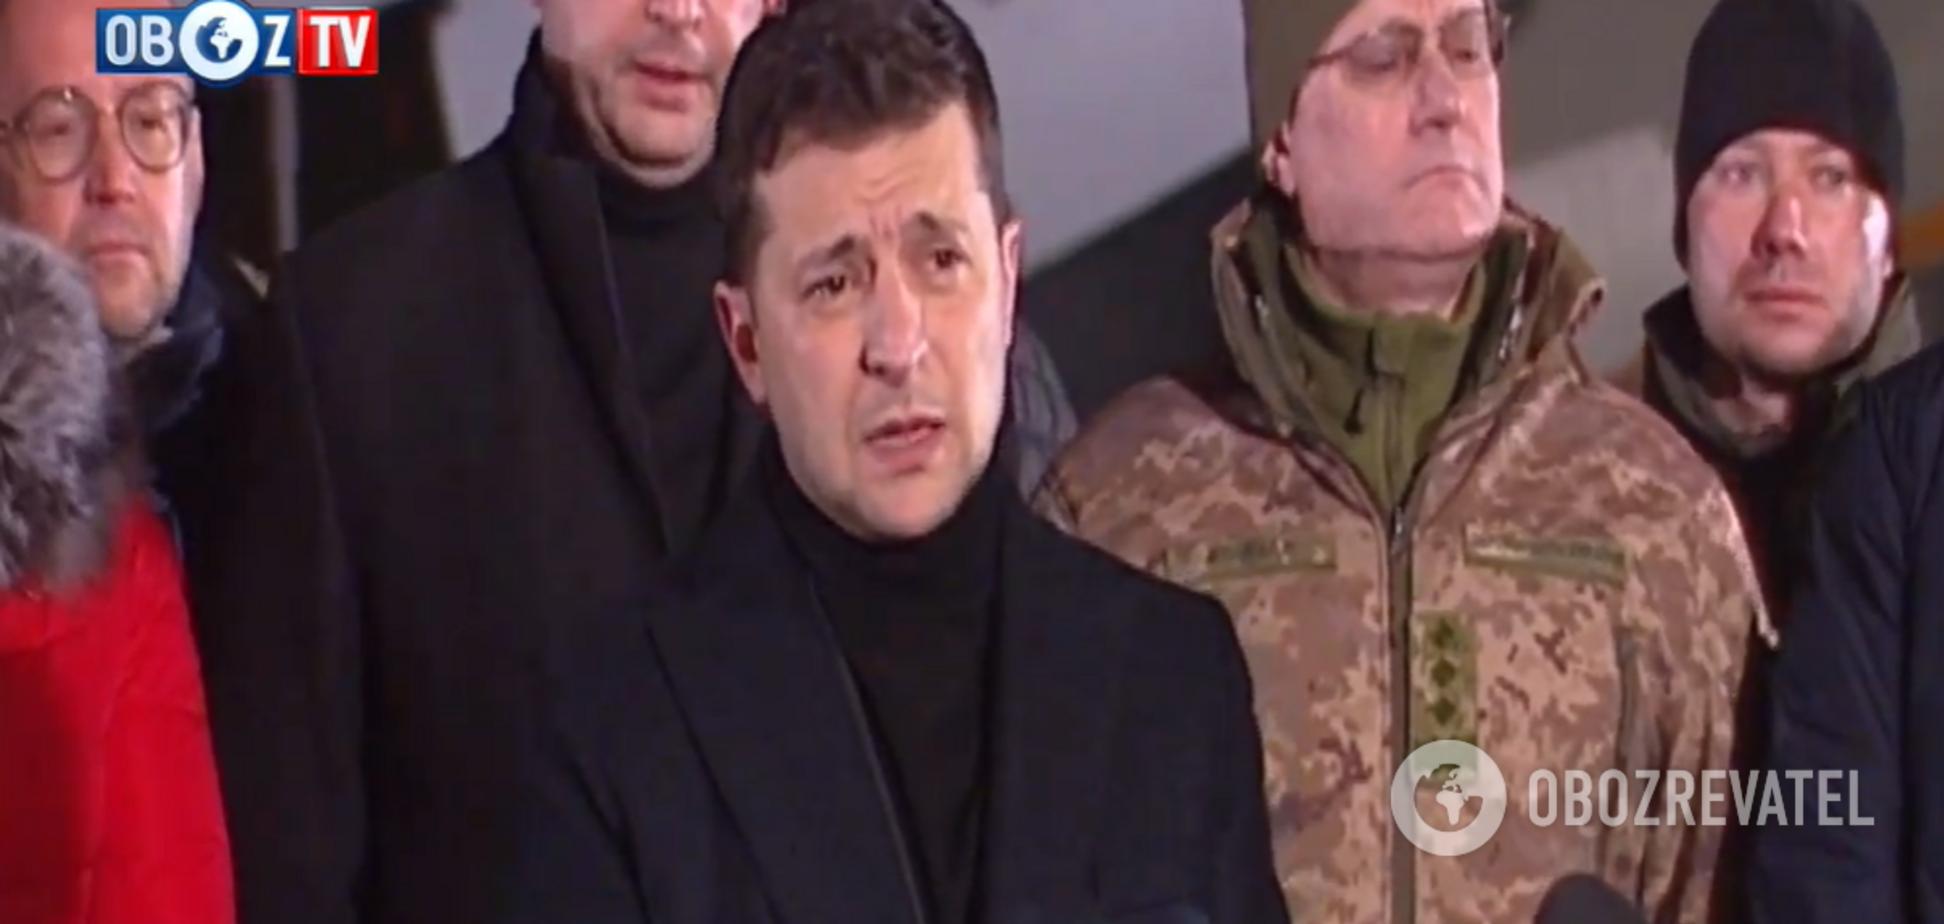 'Мы забрали наших героев!' Зеленский встретил украинских пленных: о чем говорил